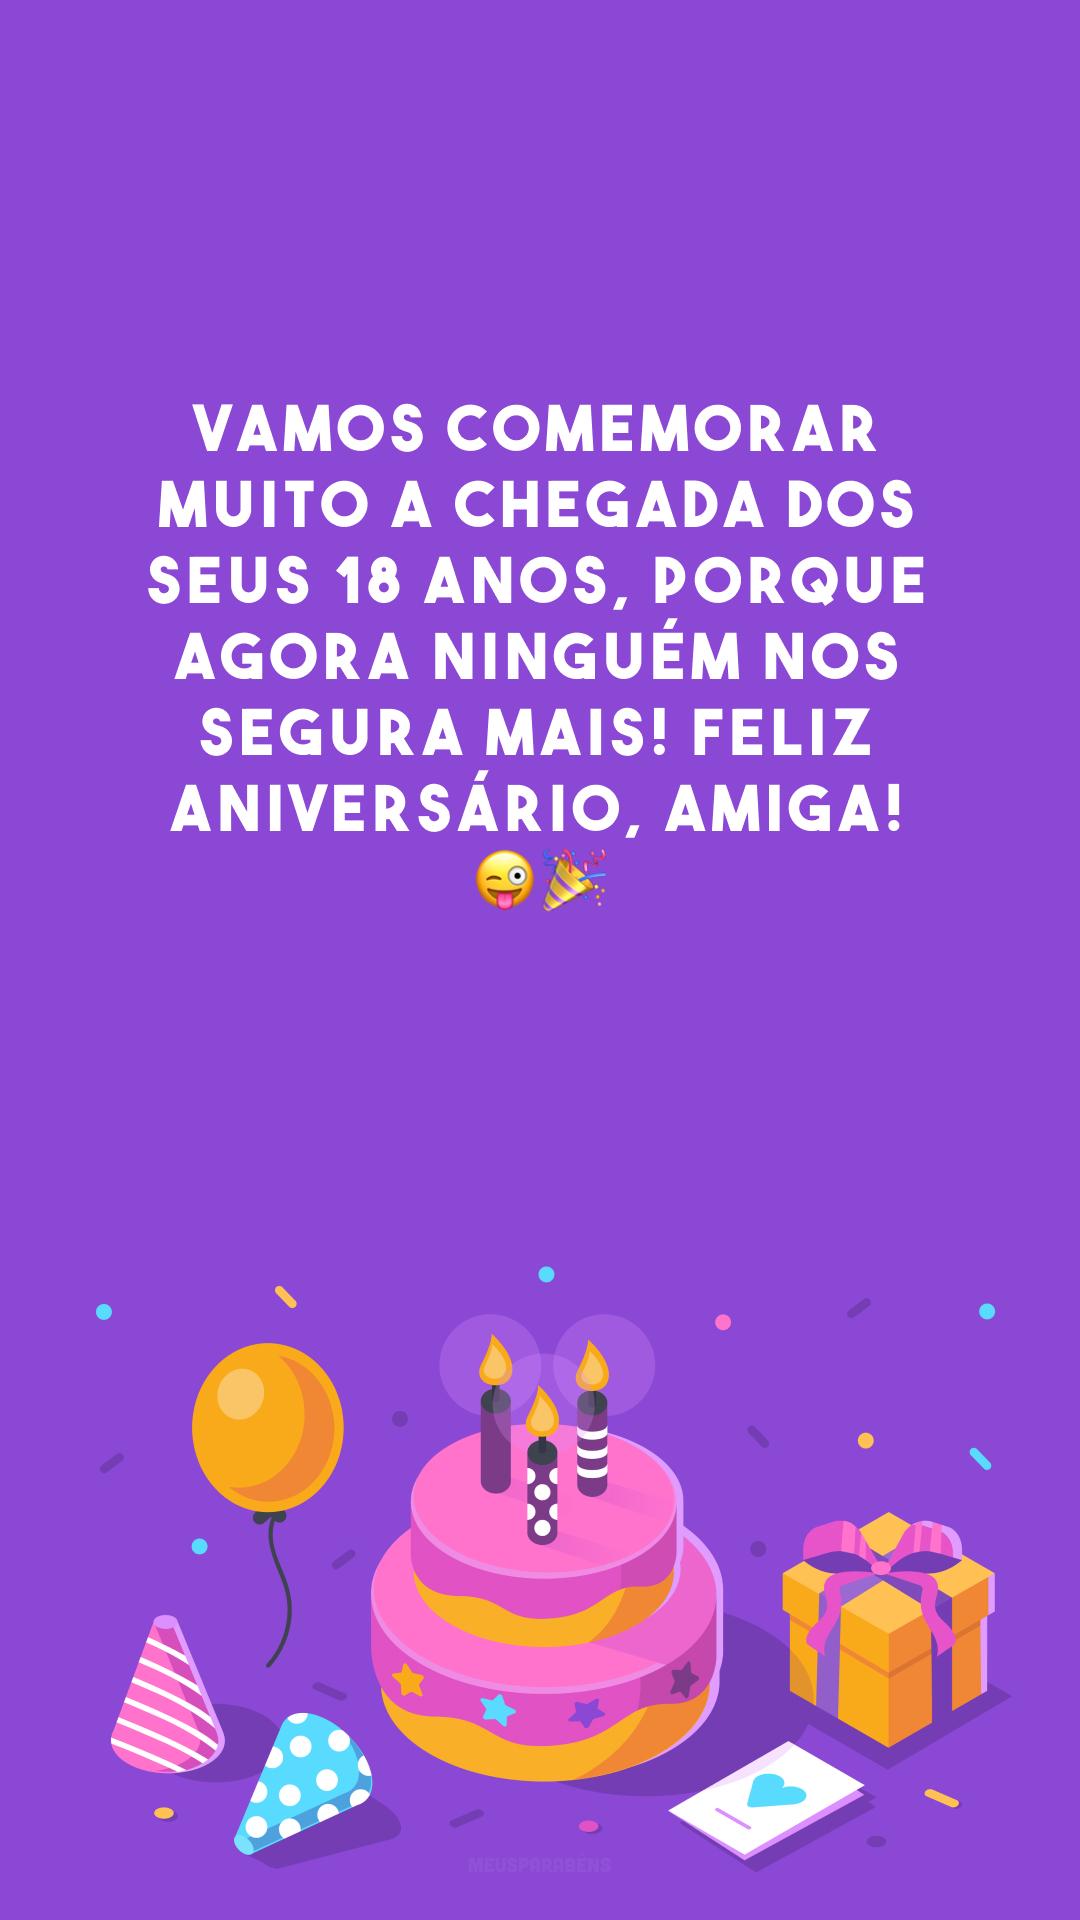 Vamos comemorar muito a chegada dos seus 18 anos, porque agora ninguém nos segura mais! Feliz aniversário, amiga! 😜🎉